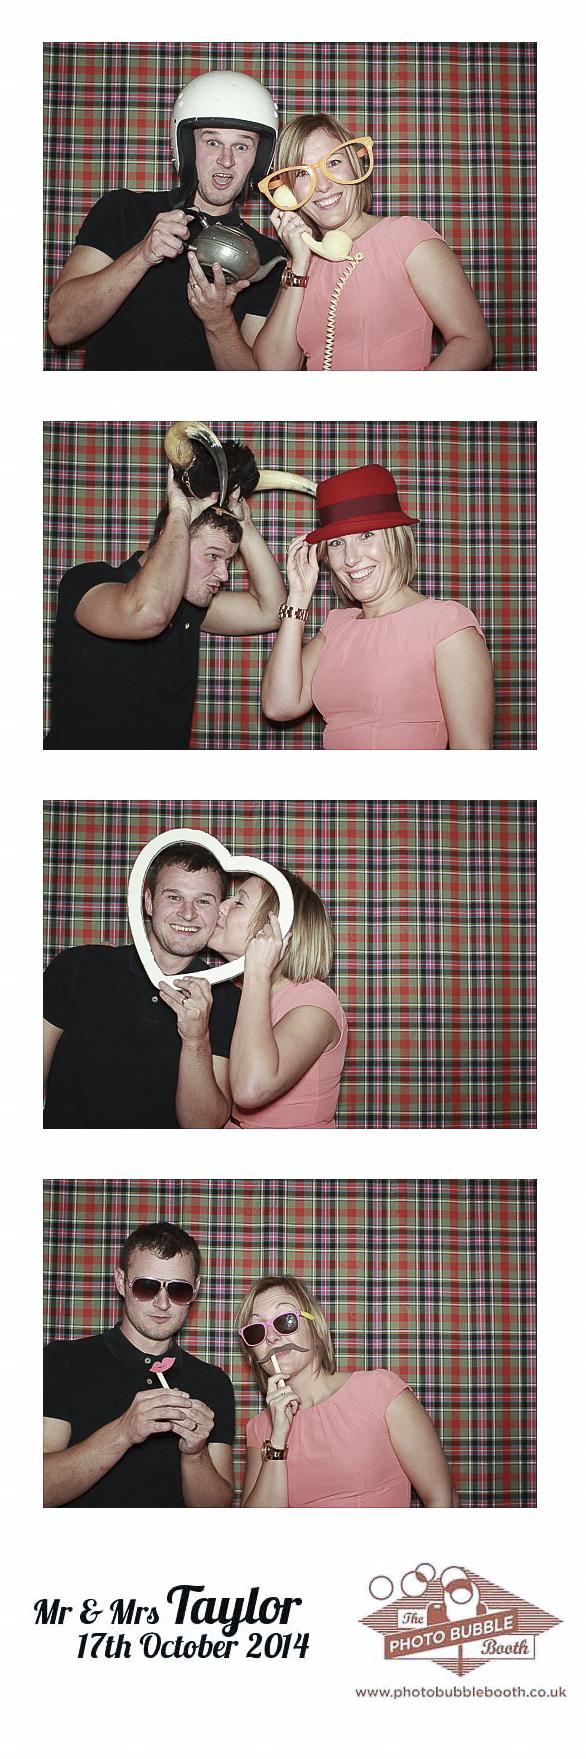 Mr & Mrs Taylor 17th October _12.jpg